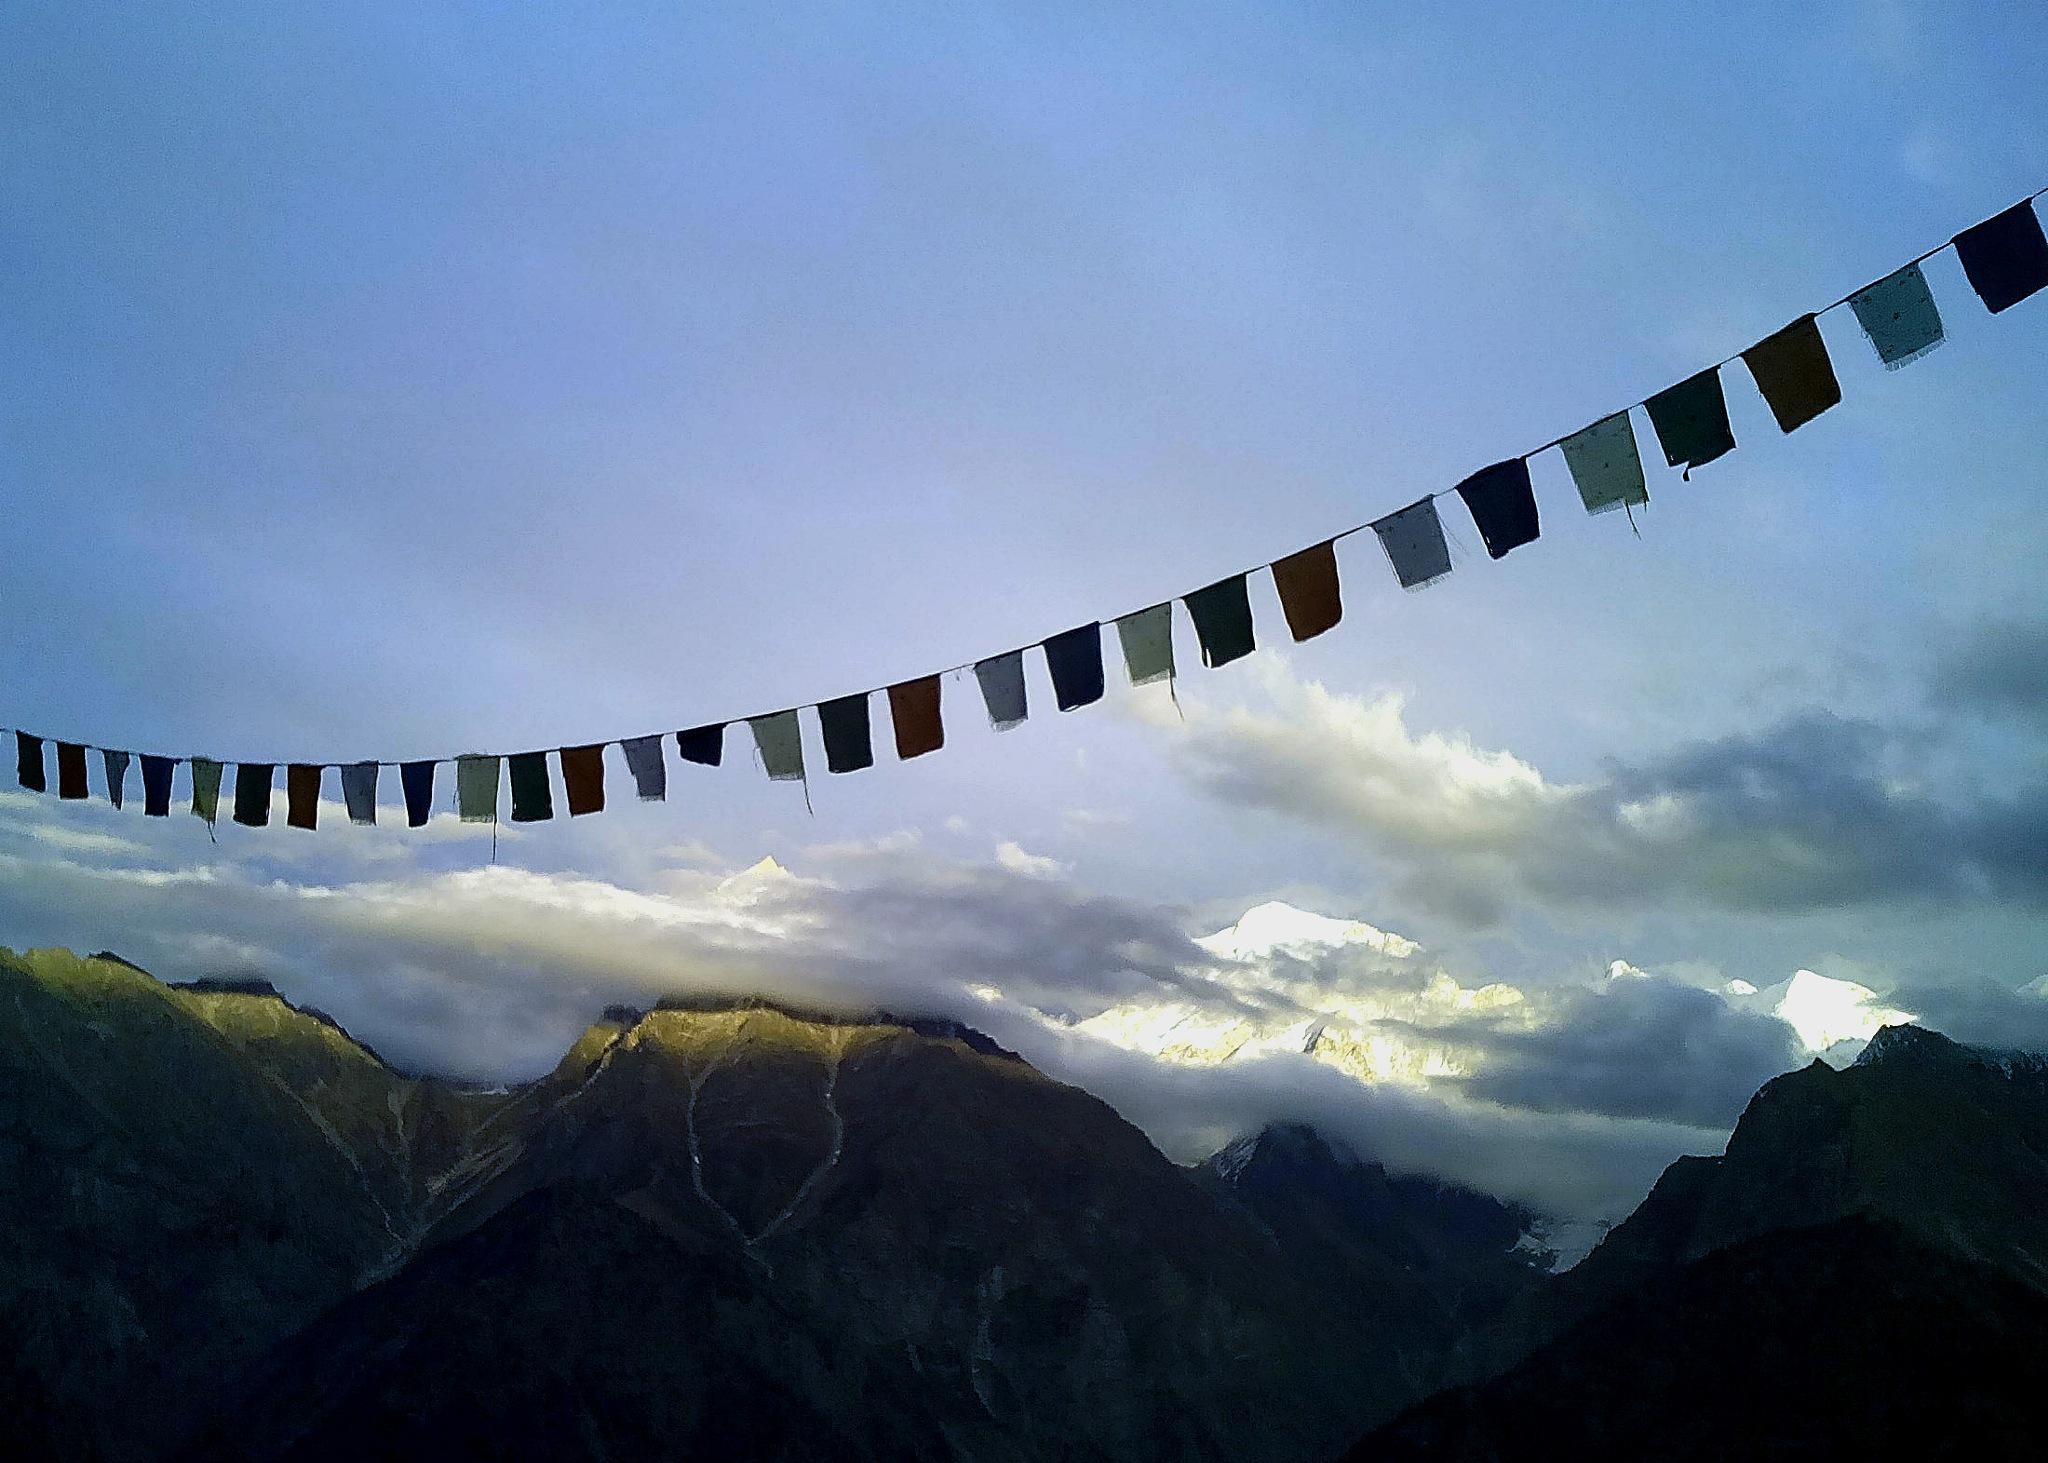 Prayer flags at Kalpa. by apurba kumar pal